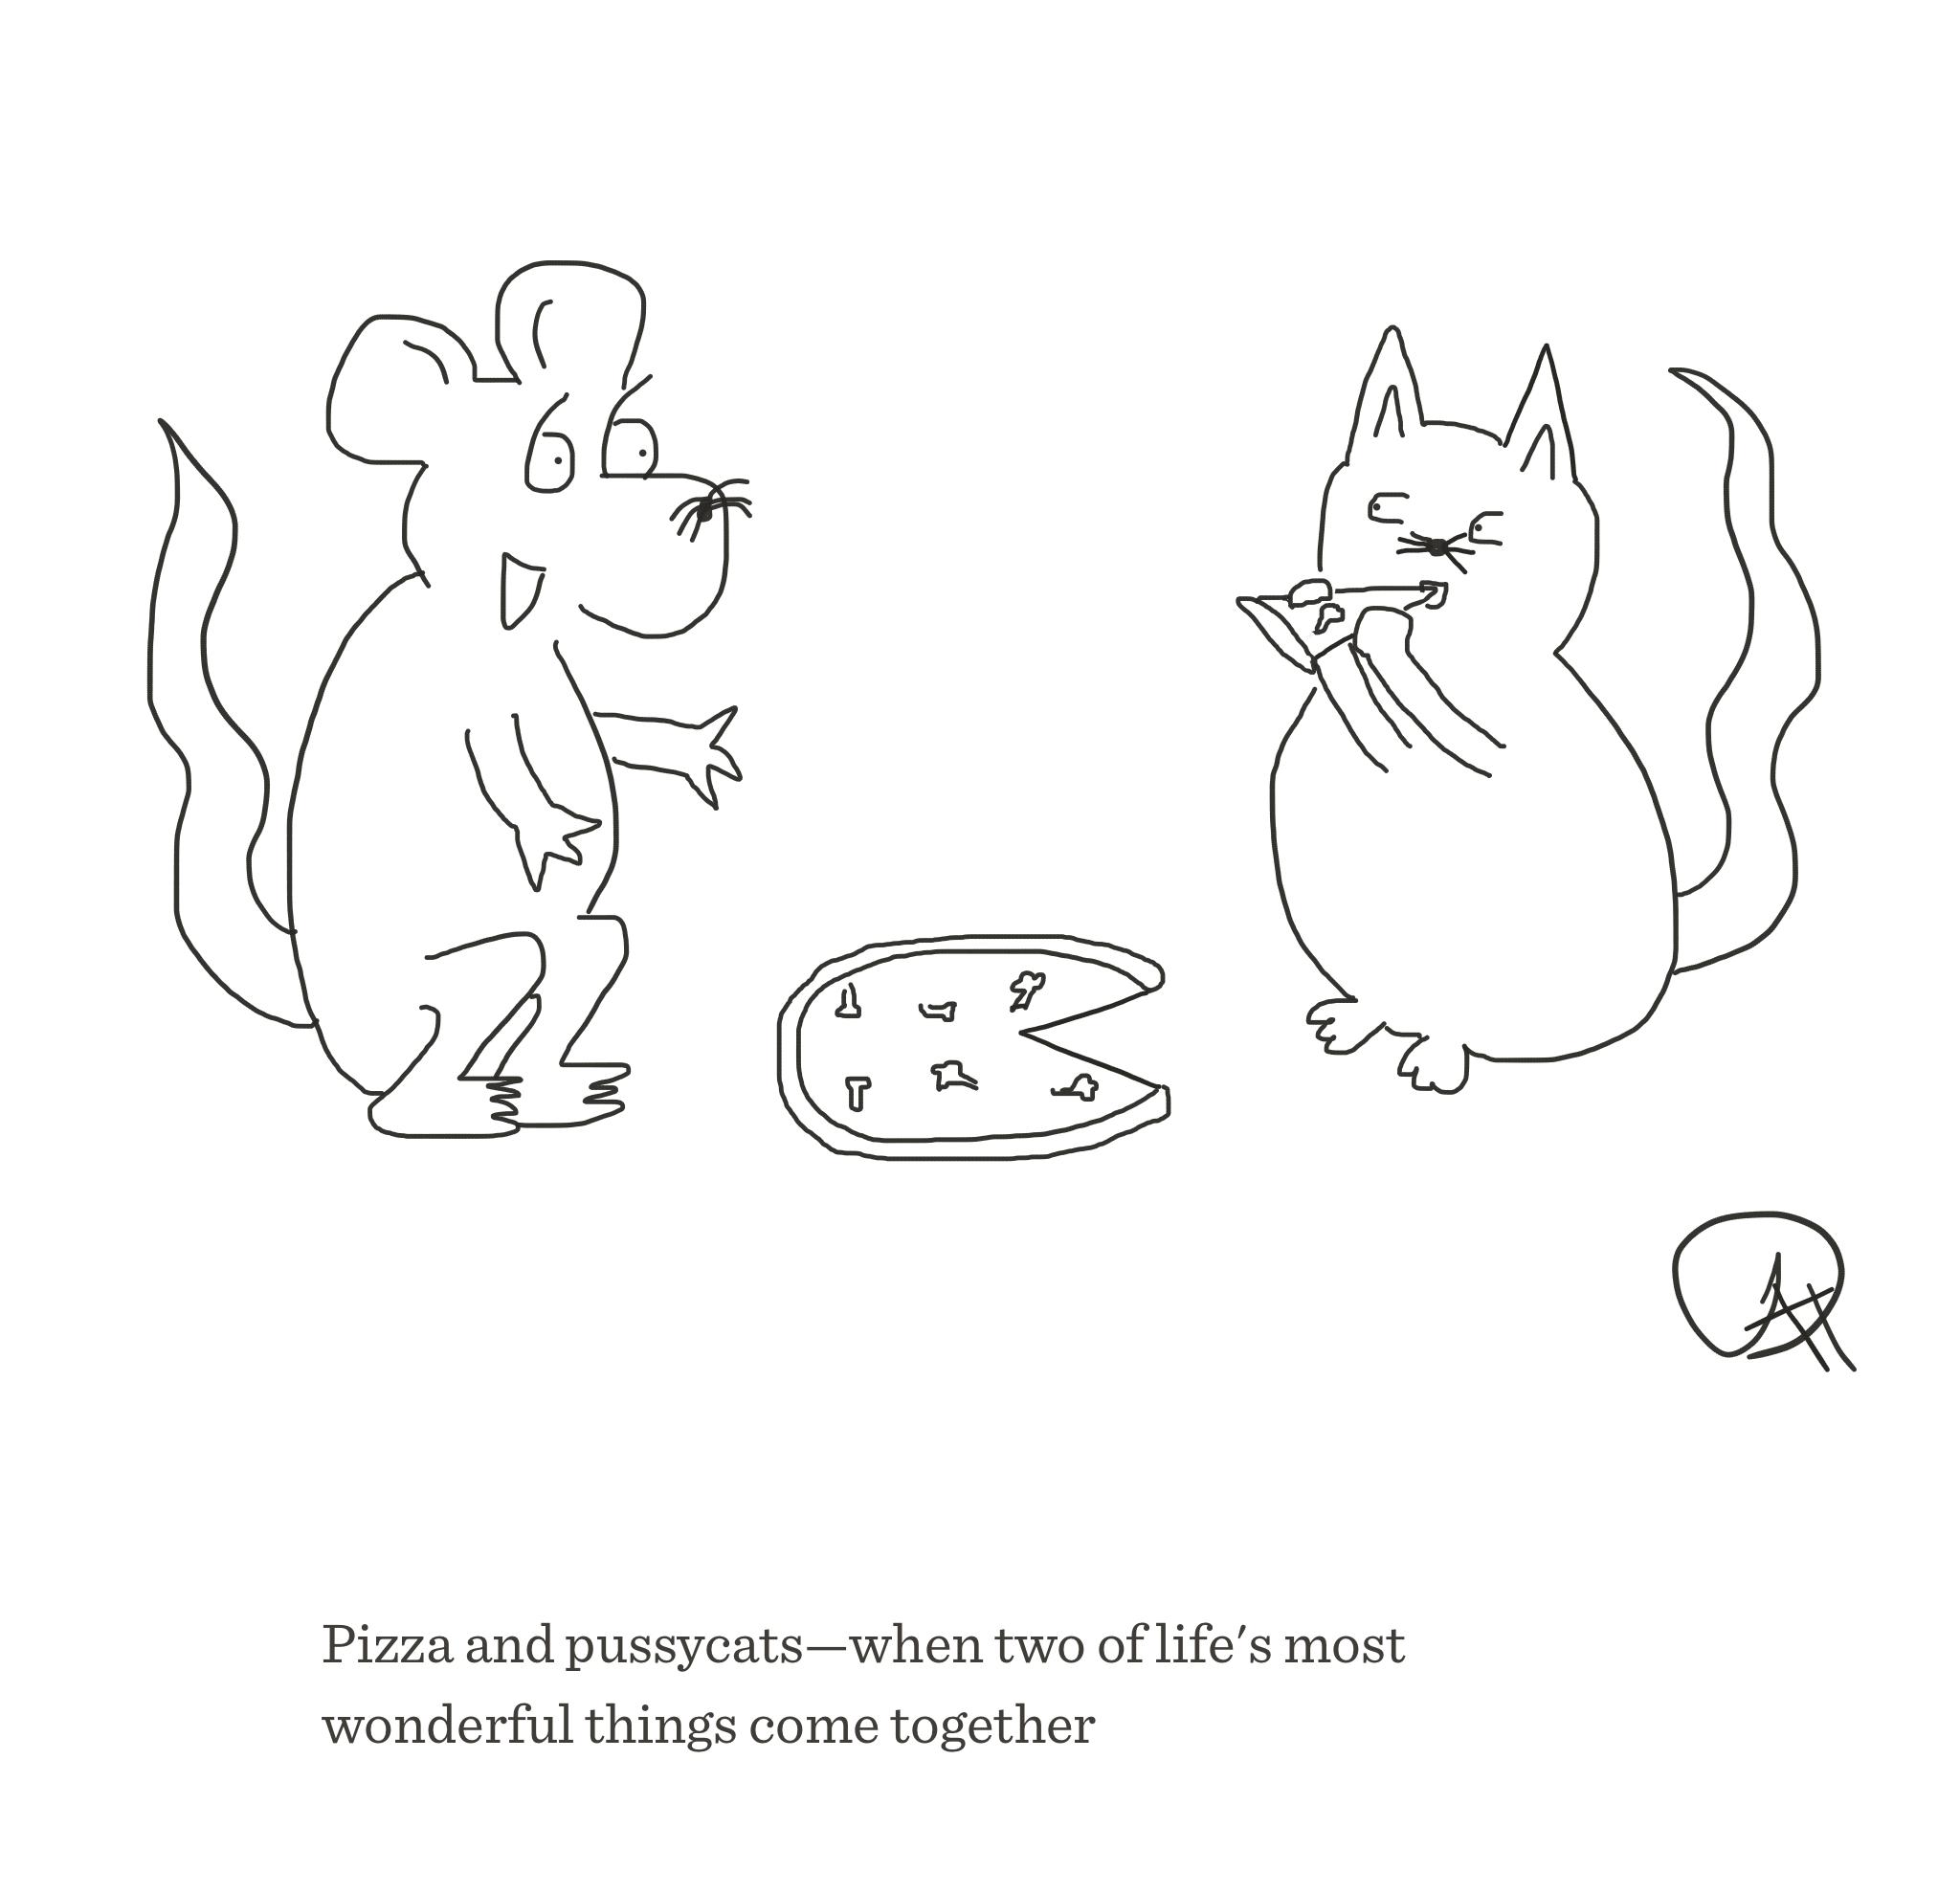 Pizza and pussycats, The Happy Rat cartoon